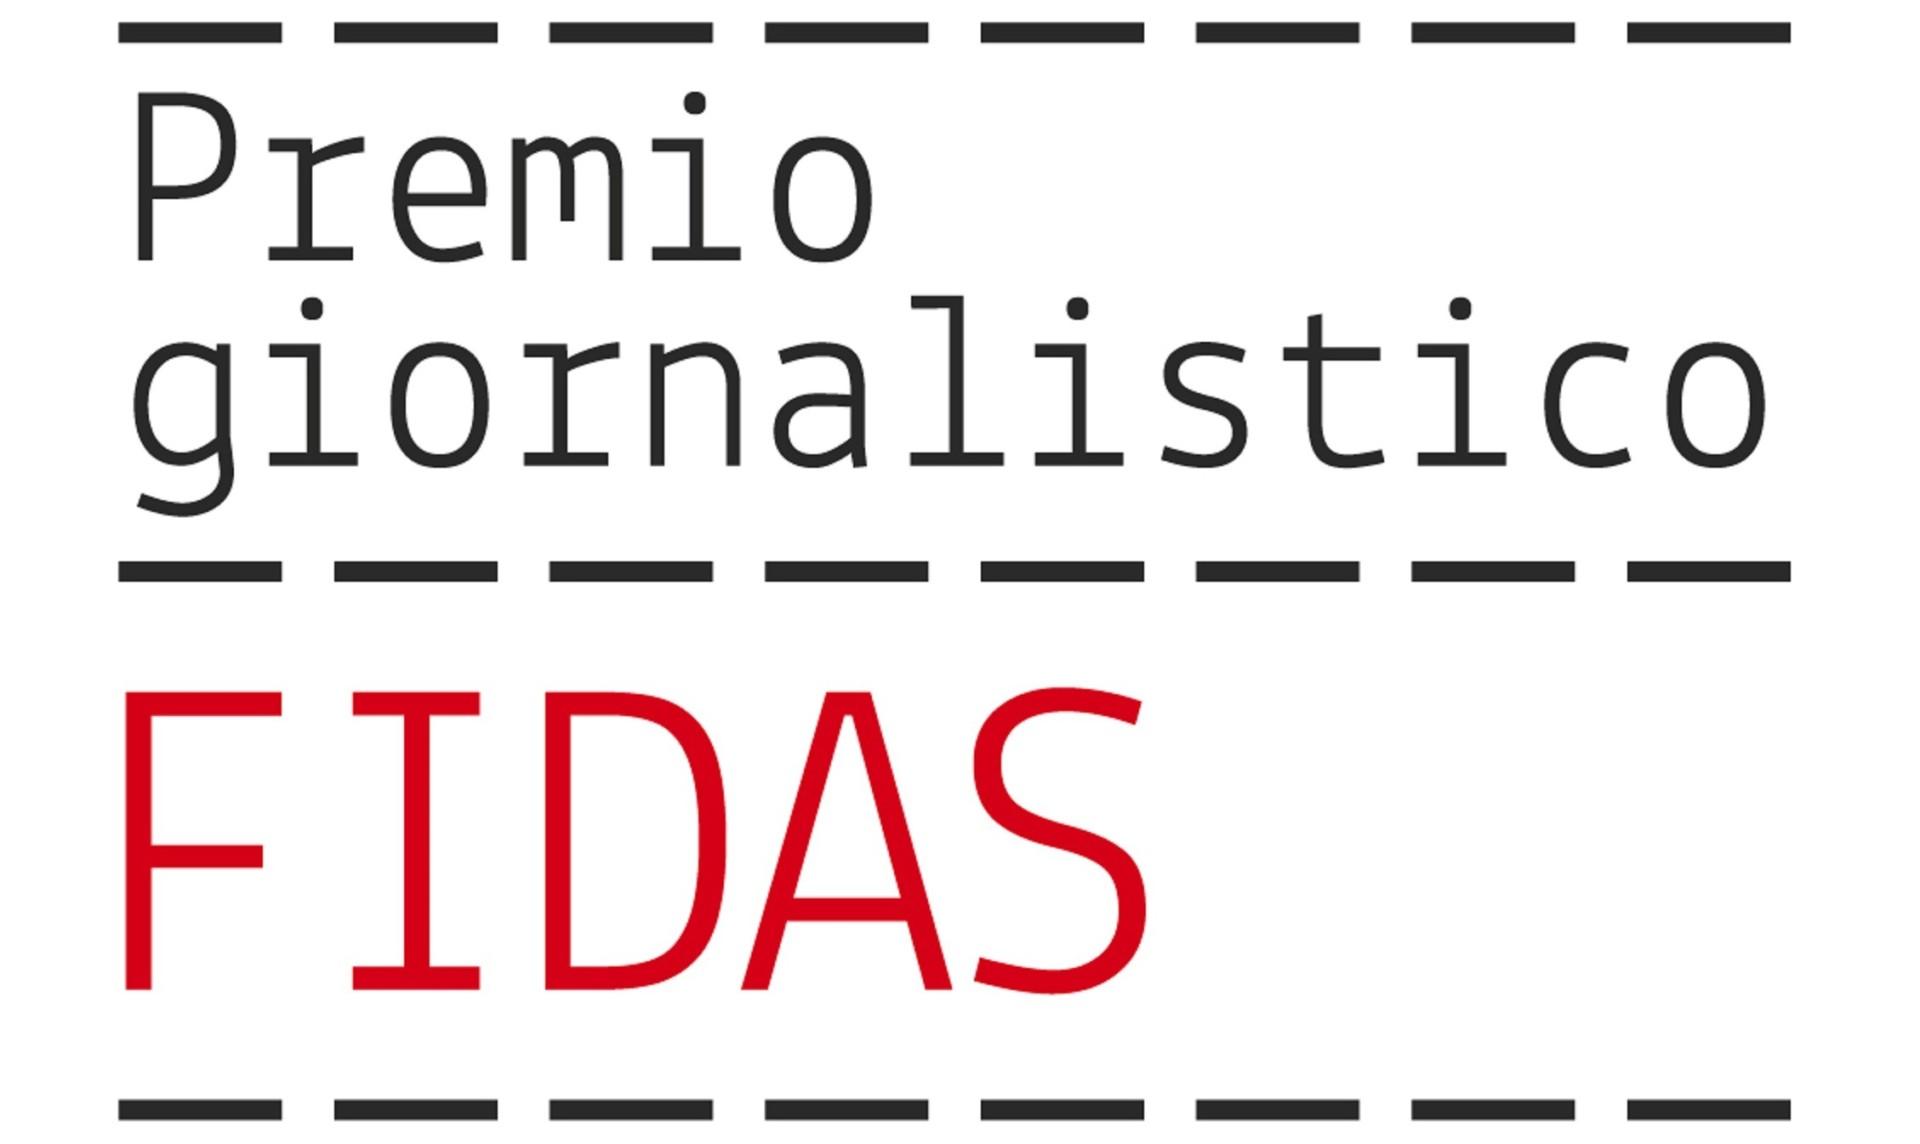 """IX edizione del Premio giornalistico """"FIDAS-Isabella Sturvi"""""""